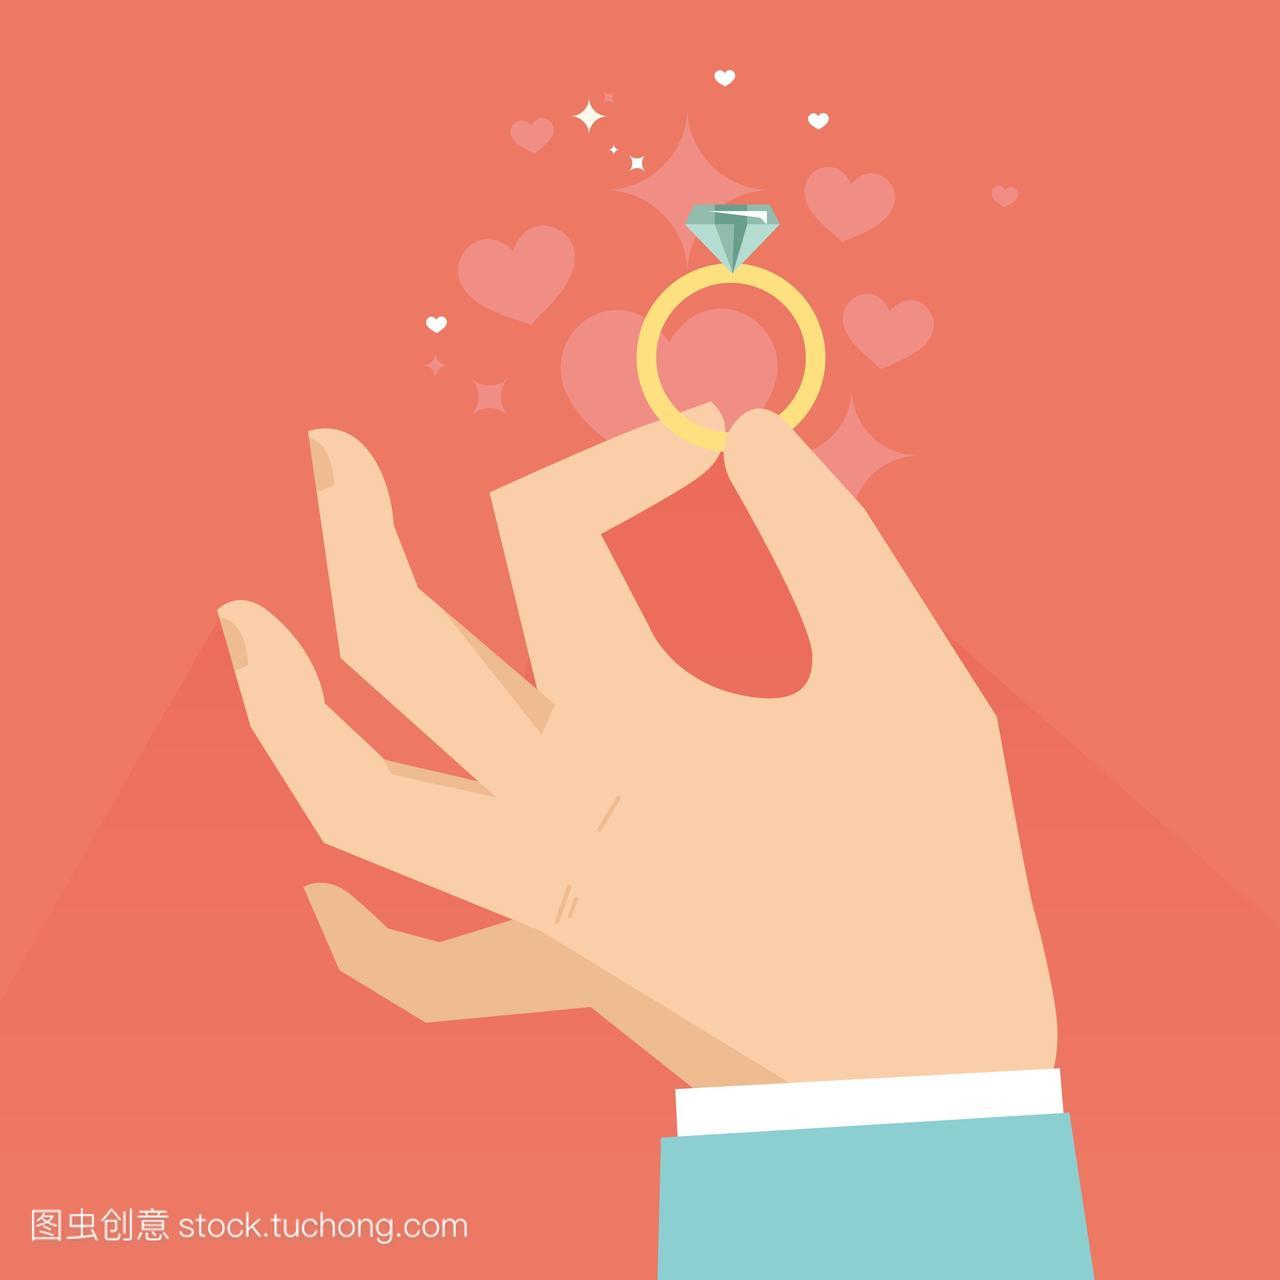 情人节贺卡,平式的男士手握订婚戒指